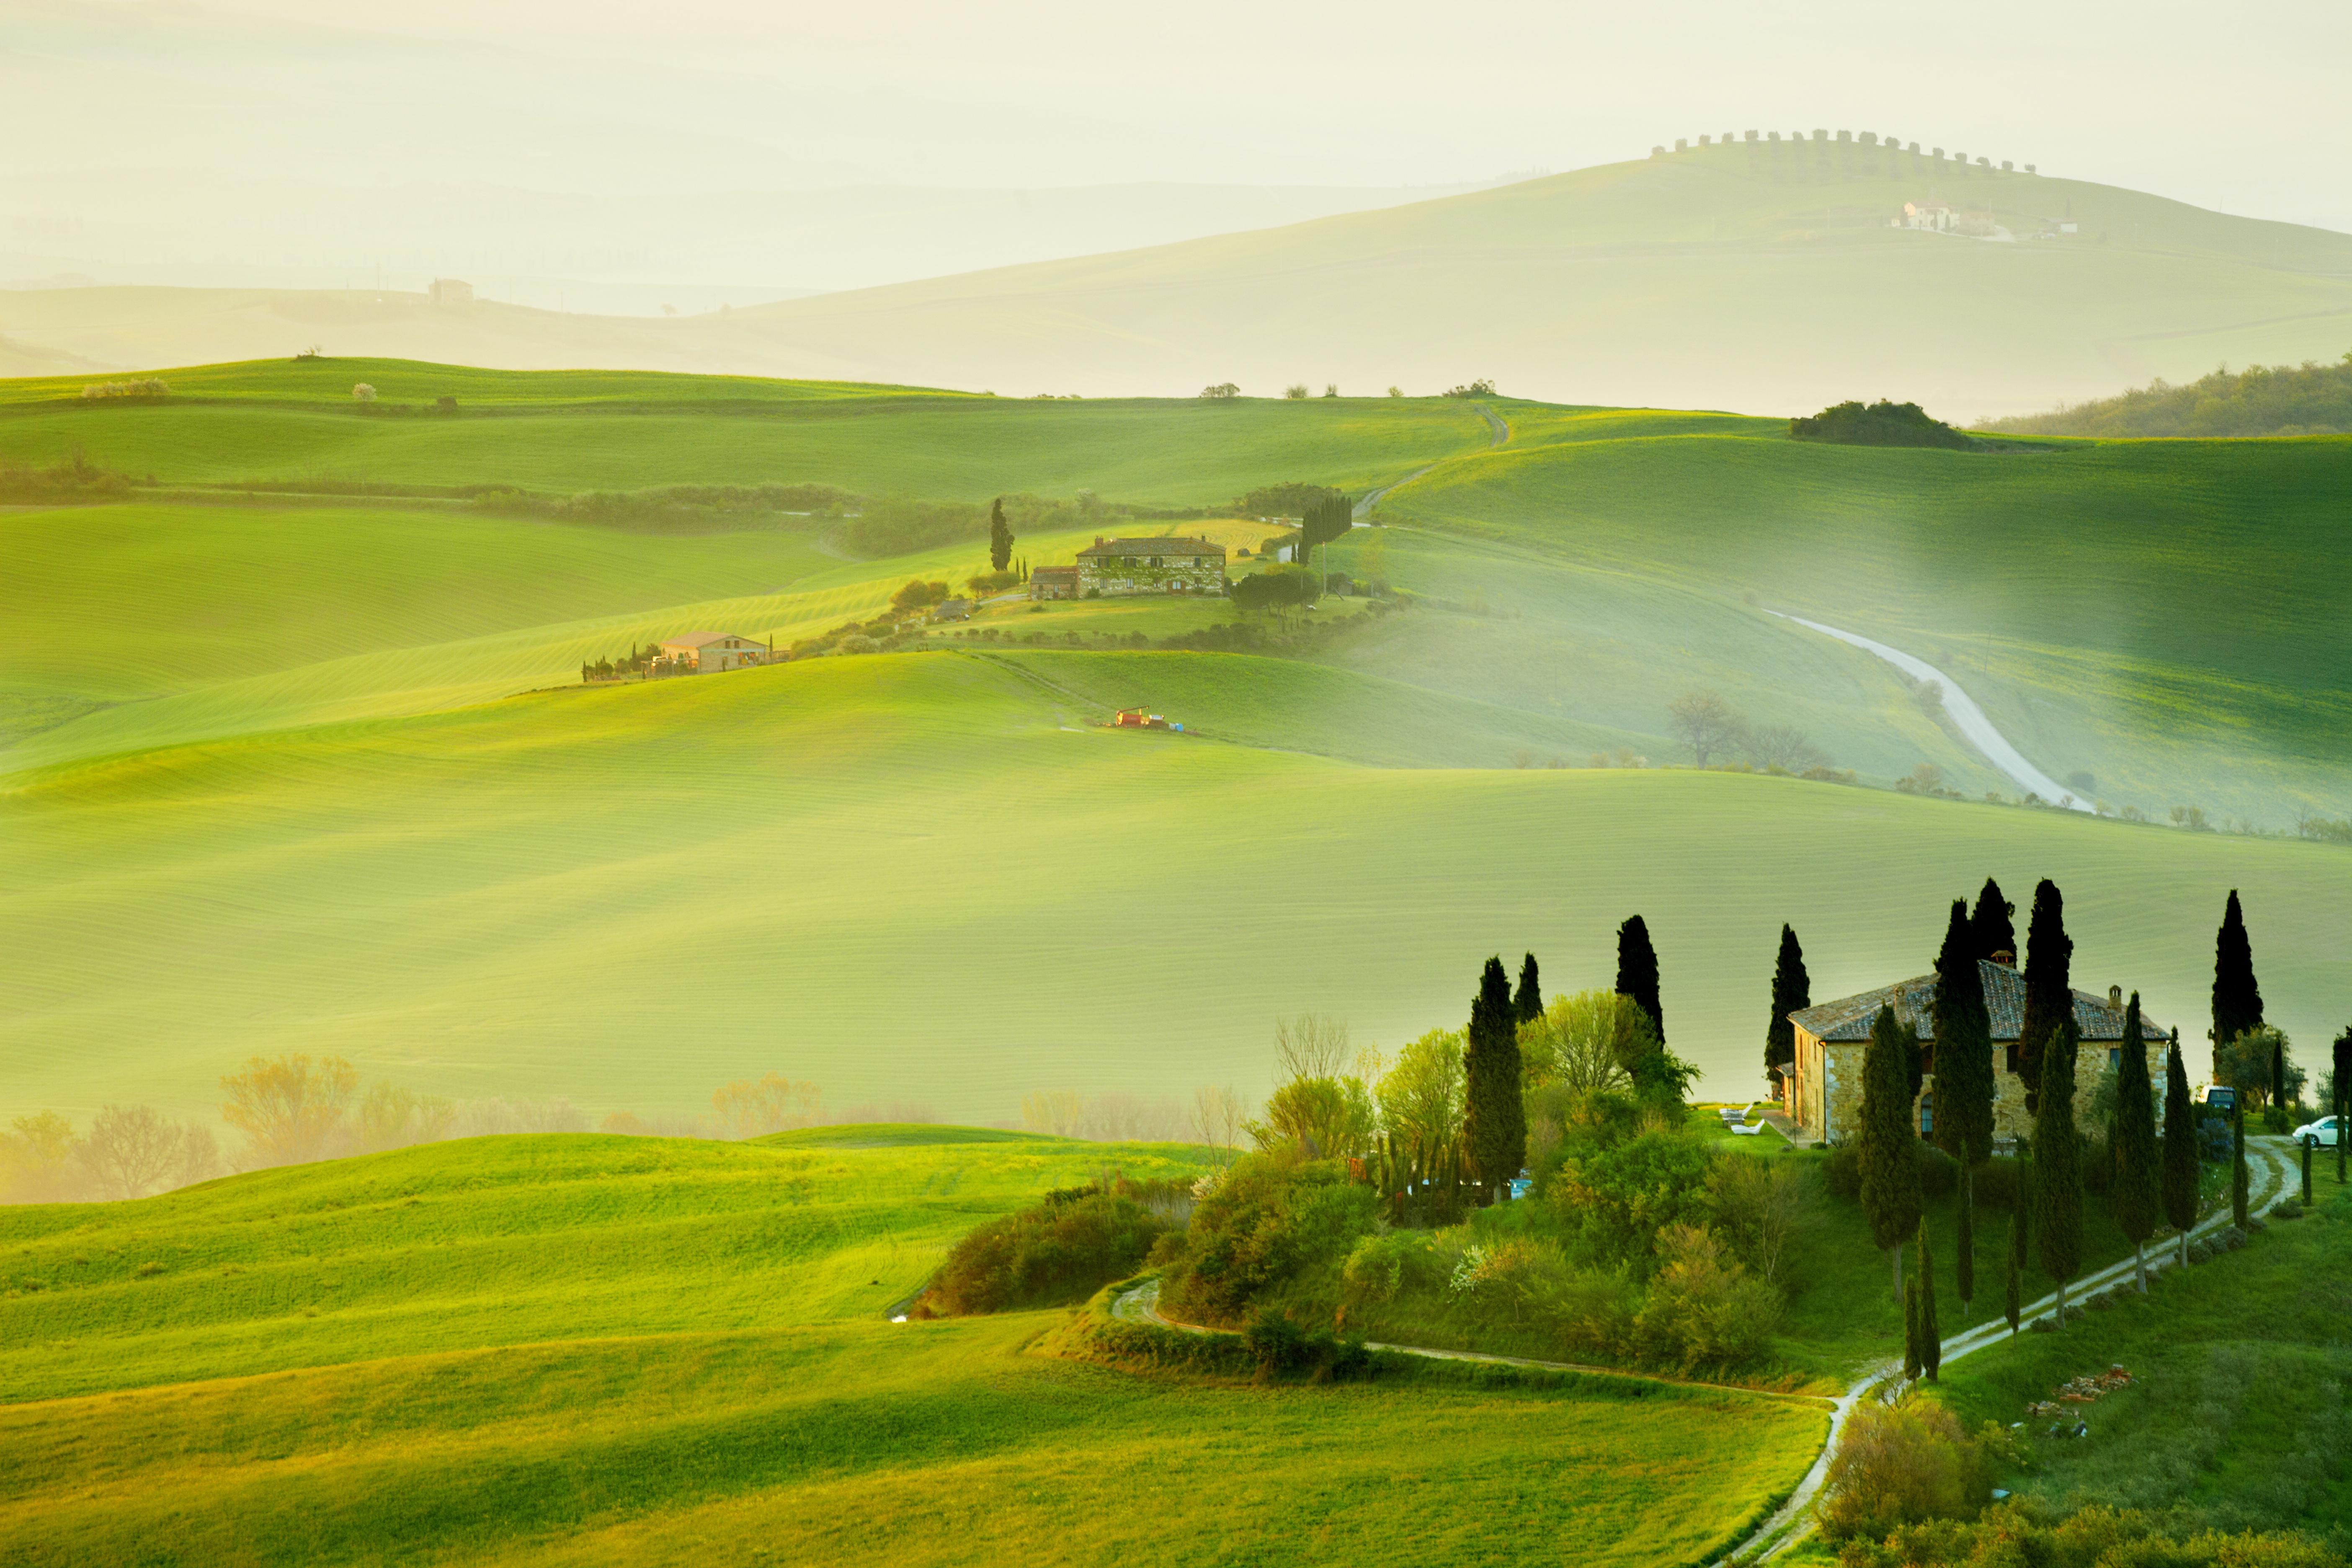 Wallpapersafari: Italian Countryside Wallpaper